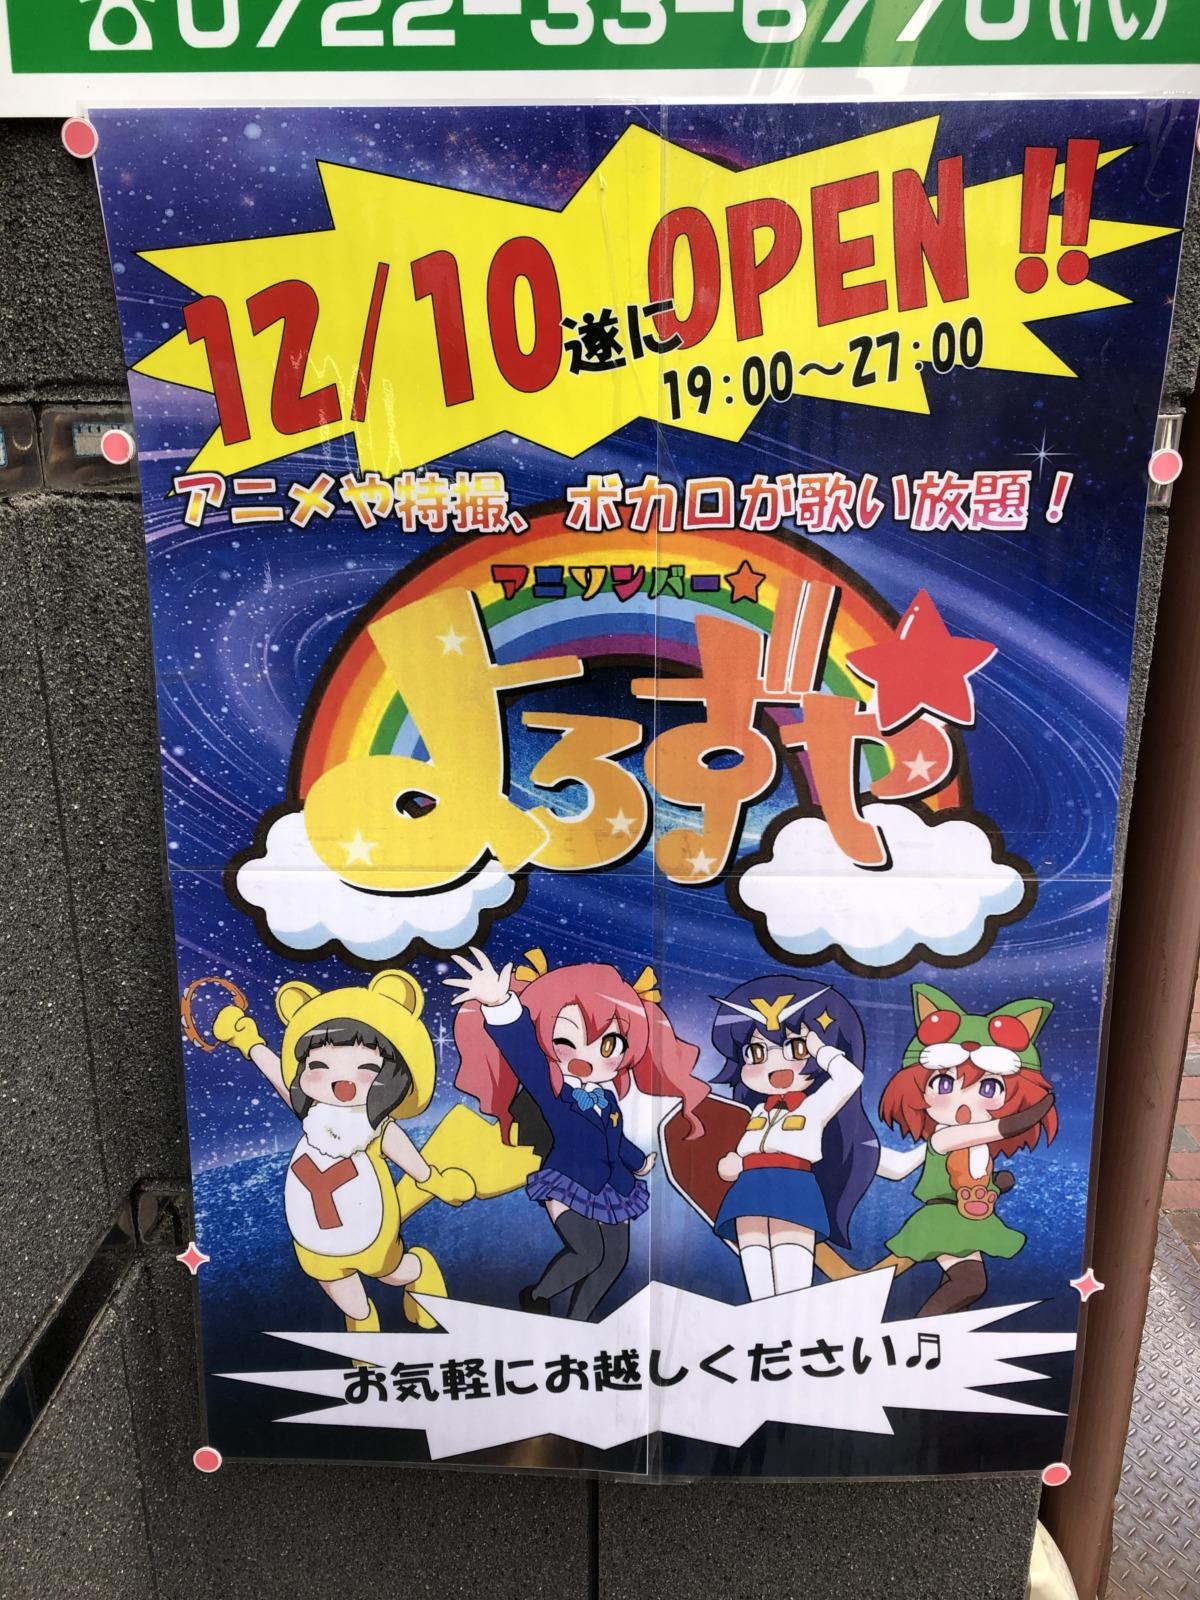 【2020.12/10オープン♪】堺東をアニメの新天地に!!『アニソンバーよろずや堺東店』がオープンしましたよ~!: